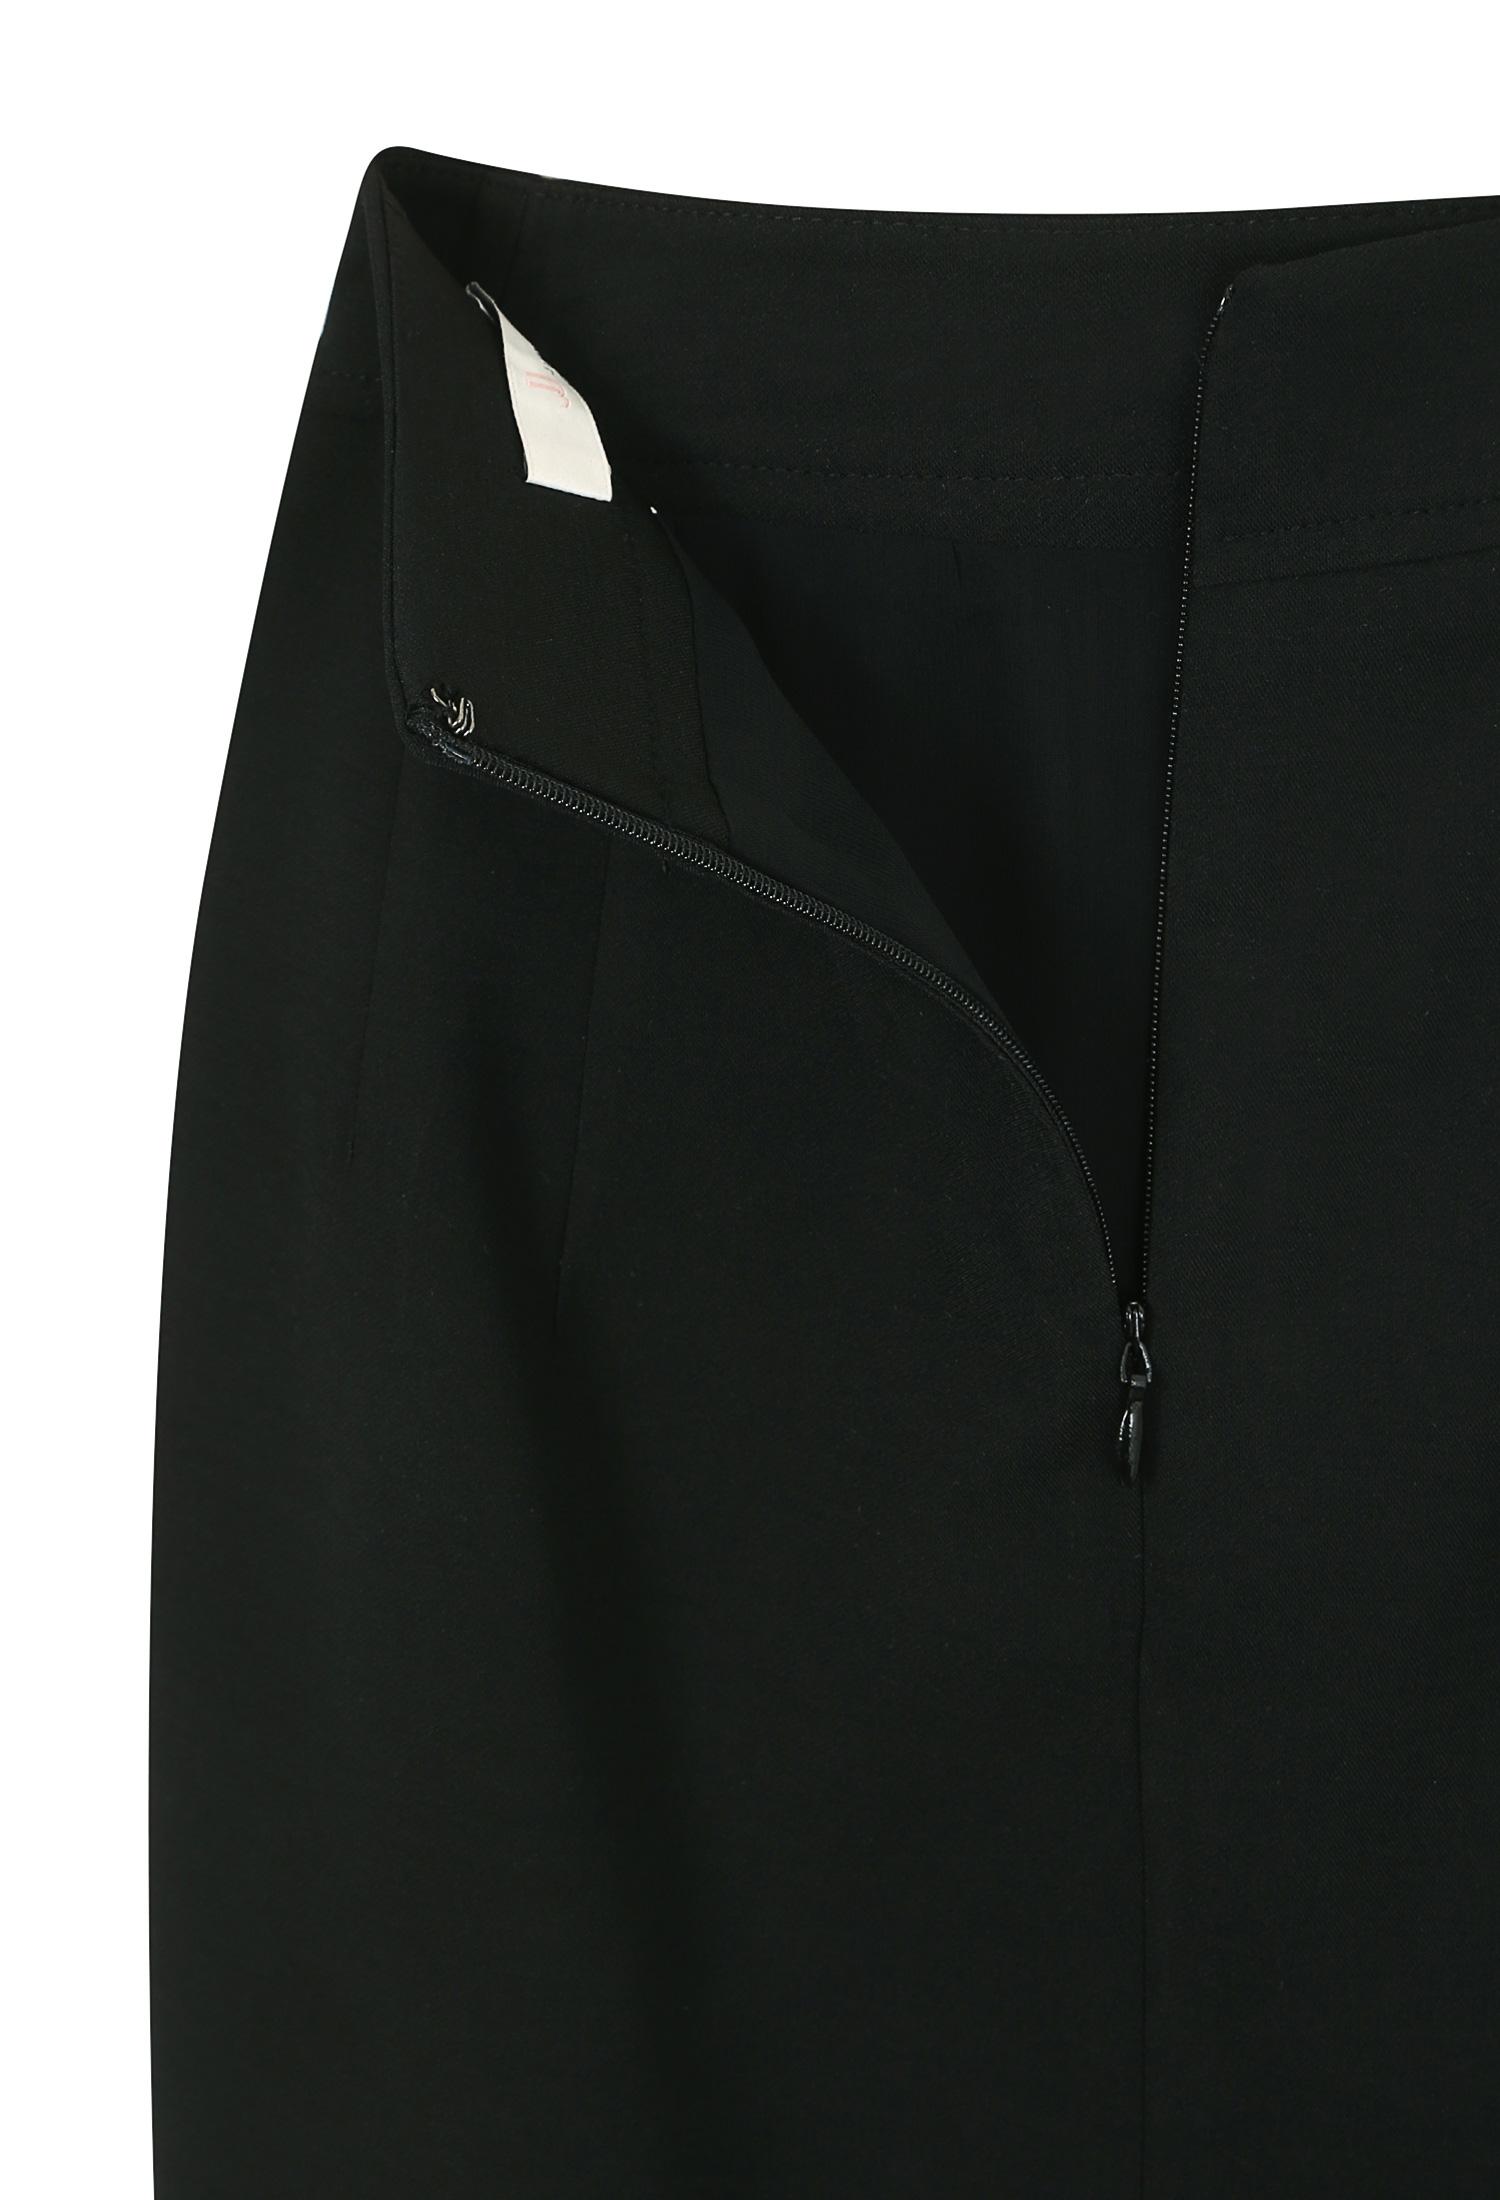 비대칭 슬릿 스티치 스커트 (BLACK)